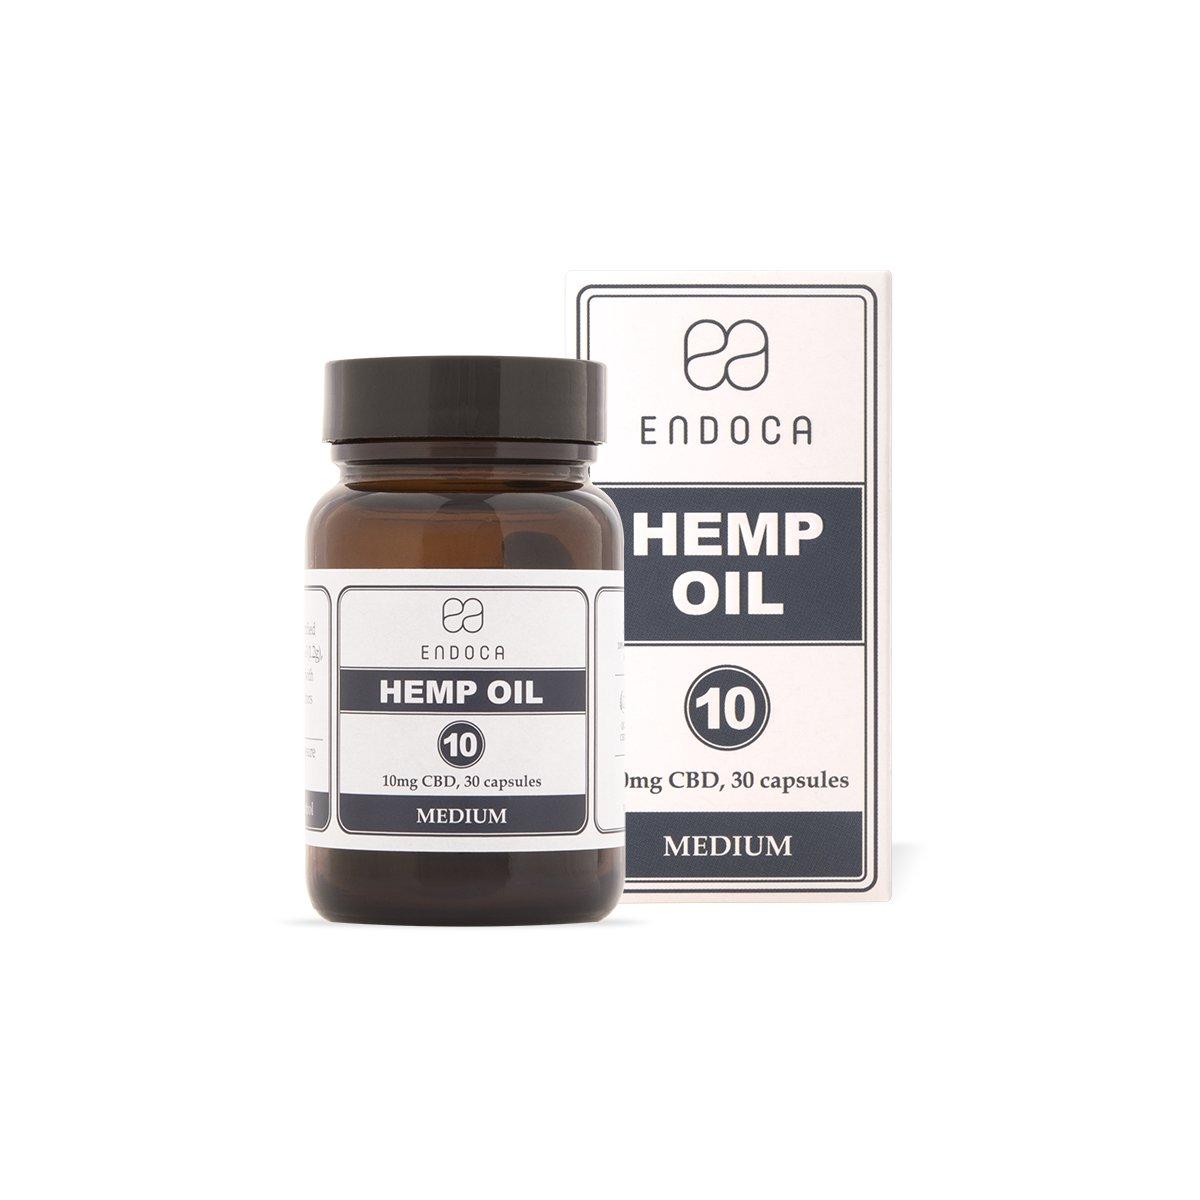 Billede af det ulovlige produkt: ENDOCA Hemp Oil Kapsler 10mg CBD Olie Medium